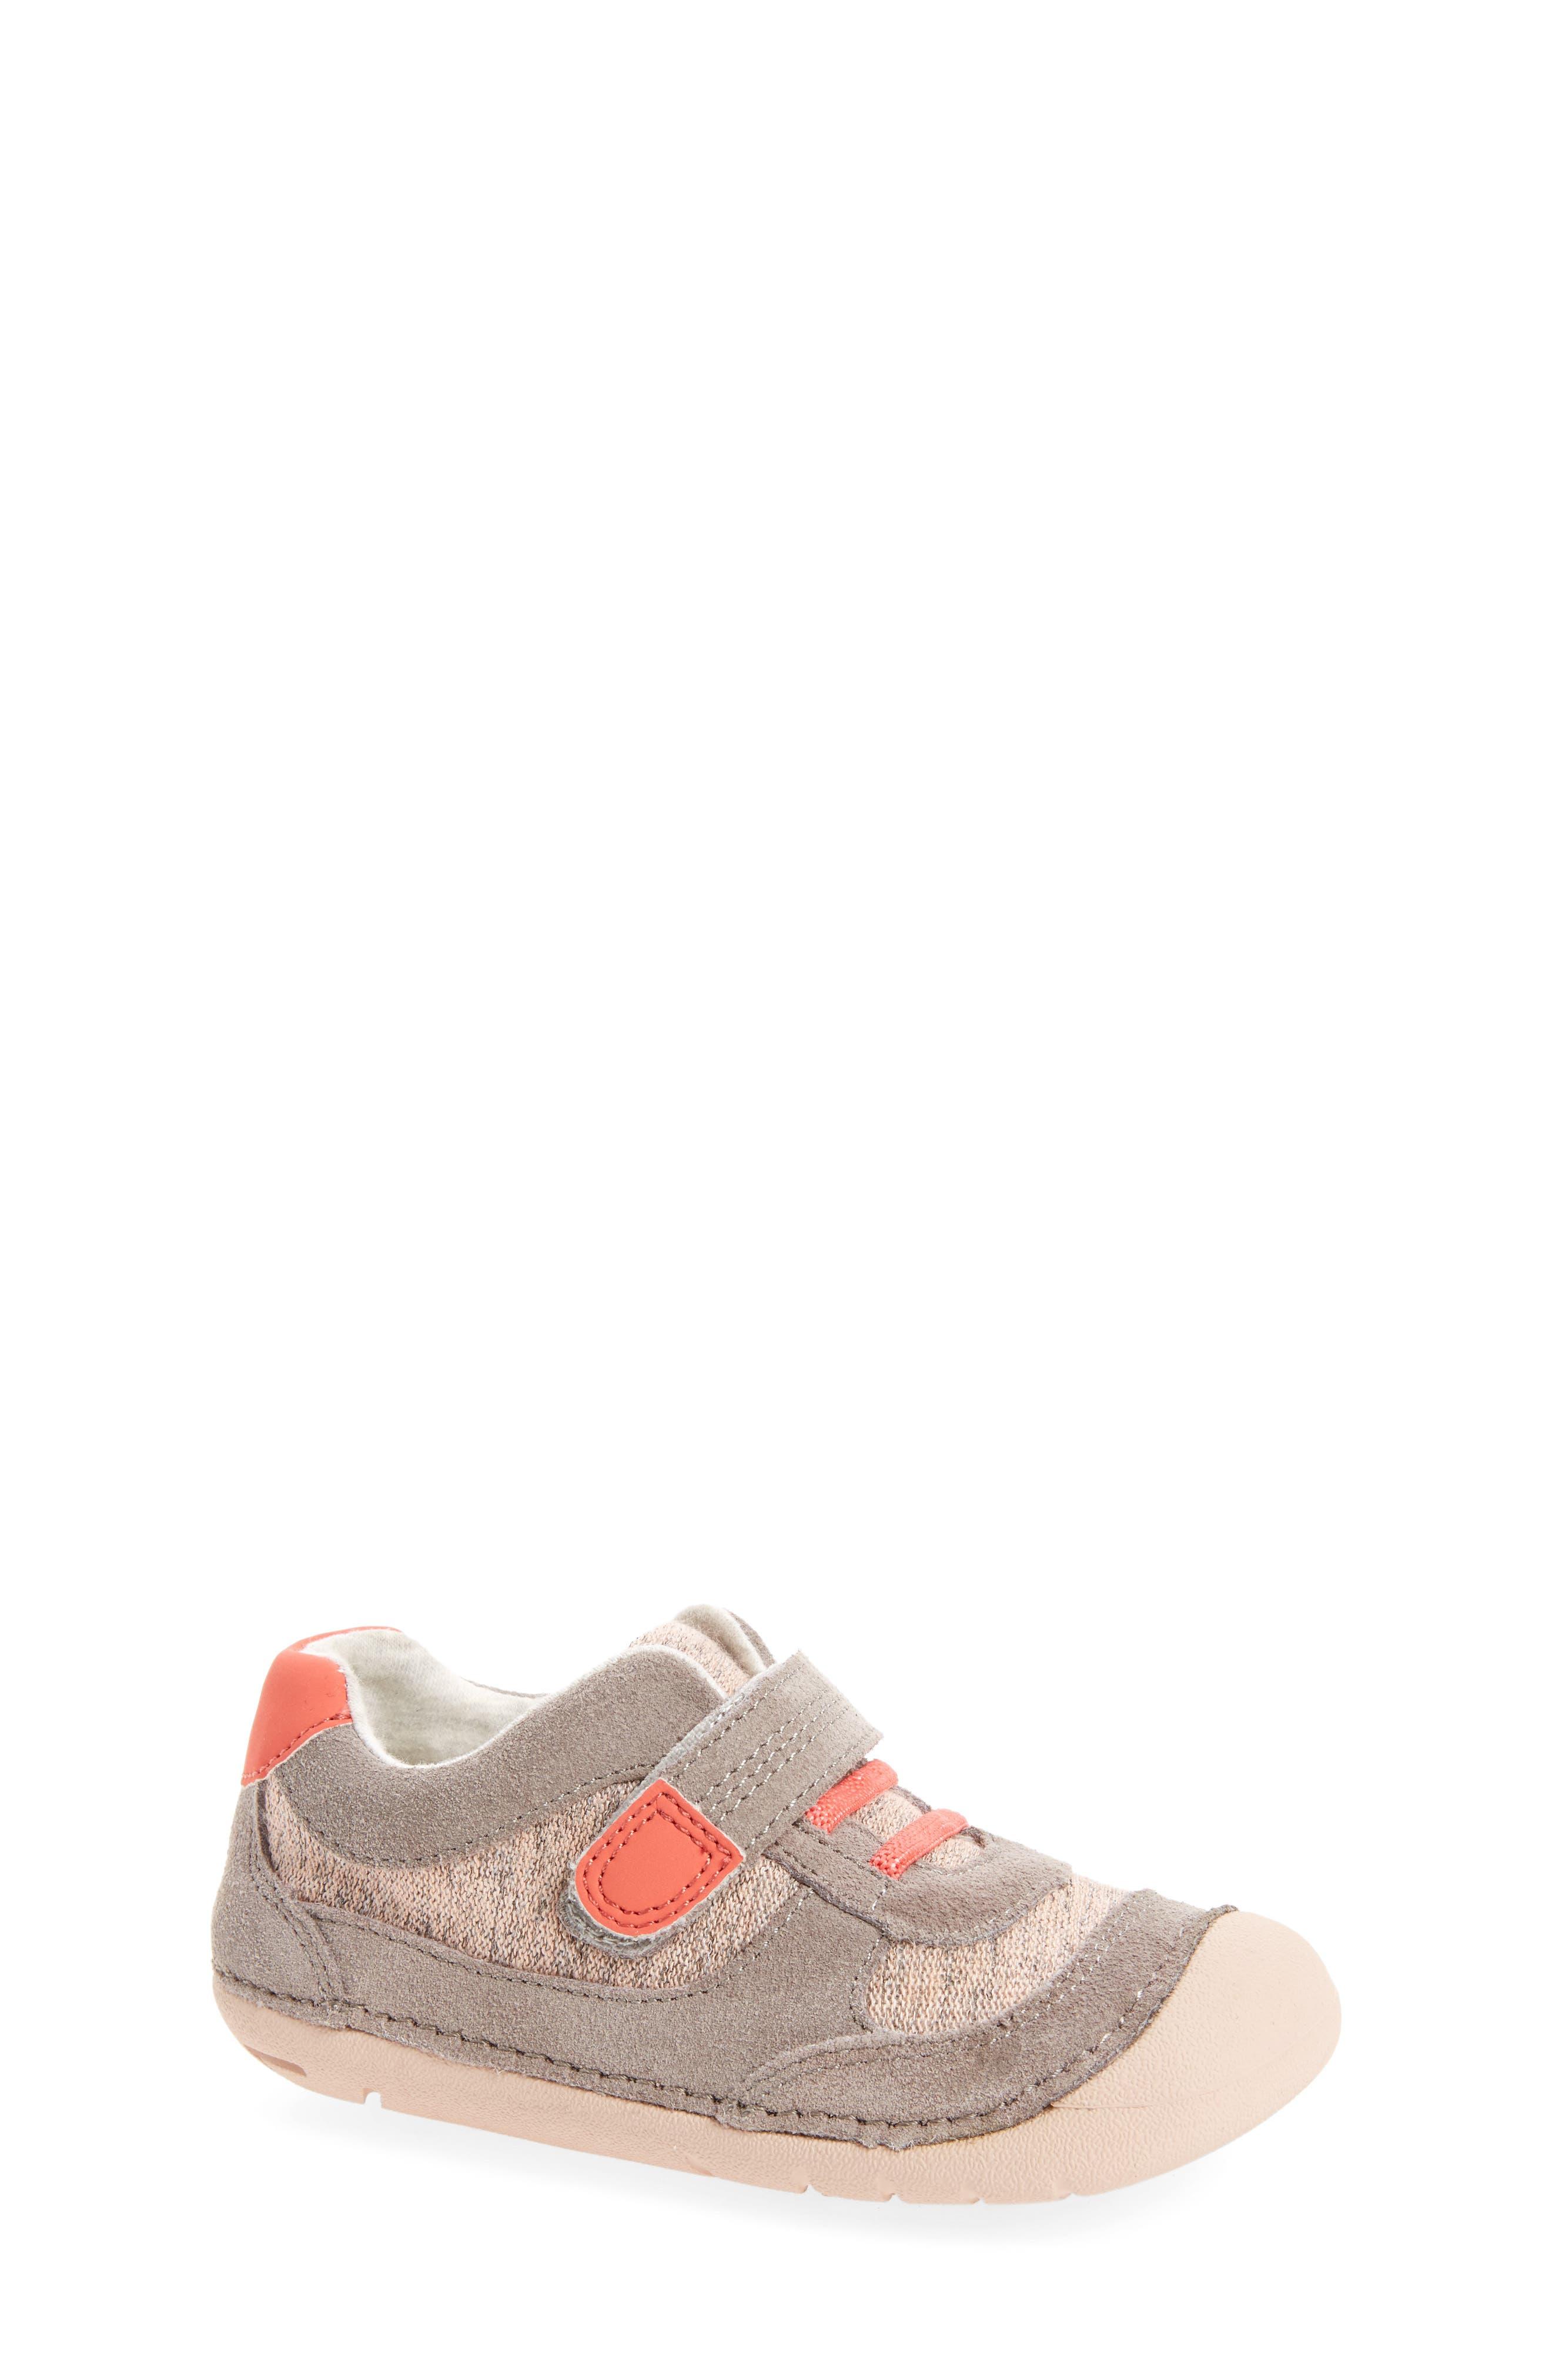 TUCKER + TATE Raychel Sneaker